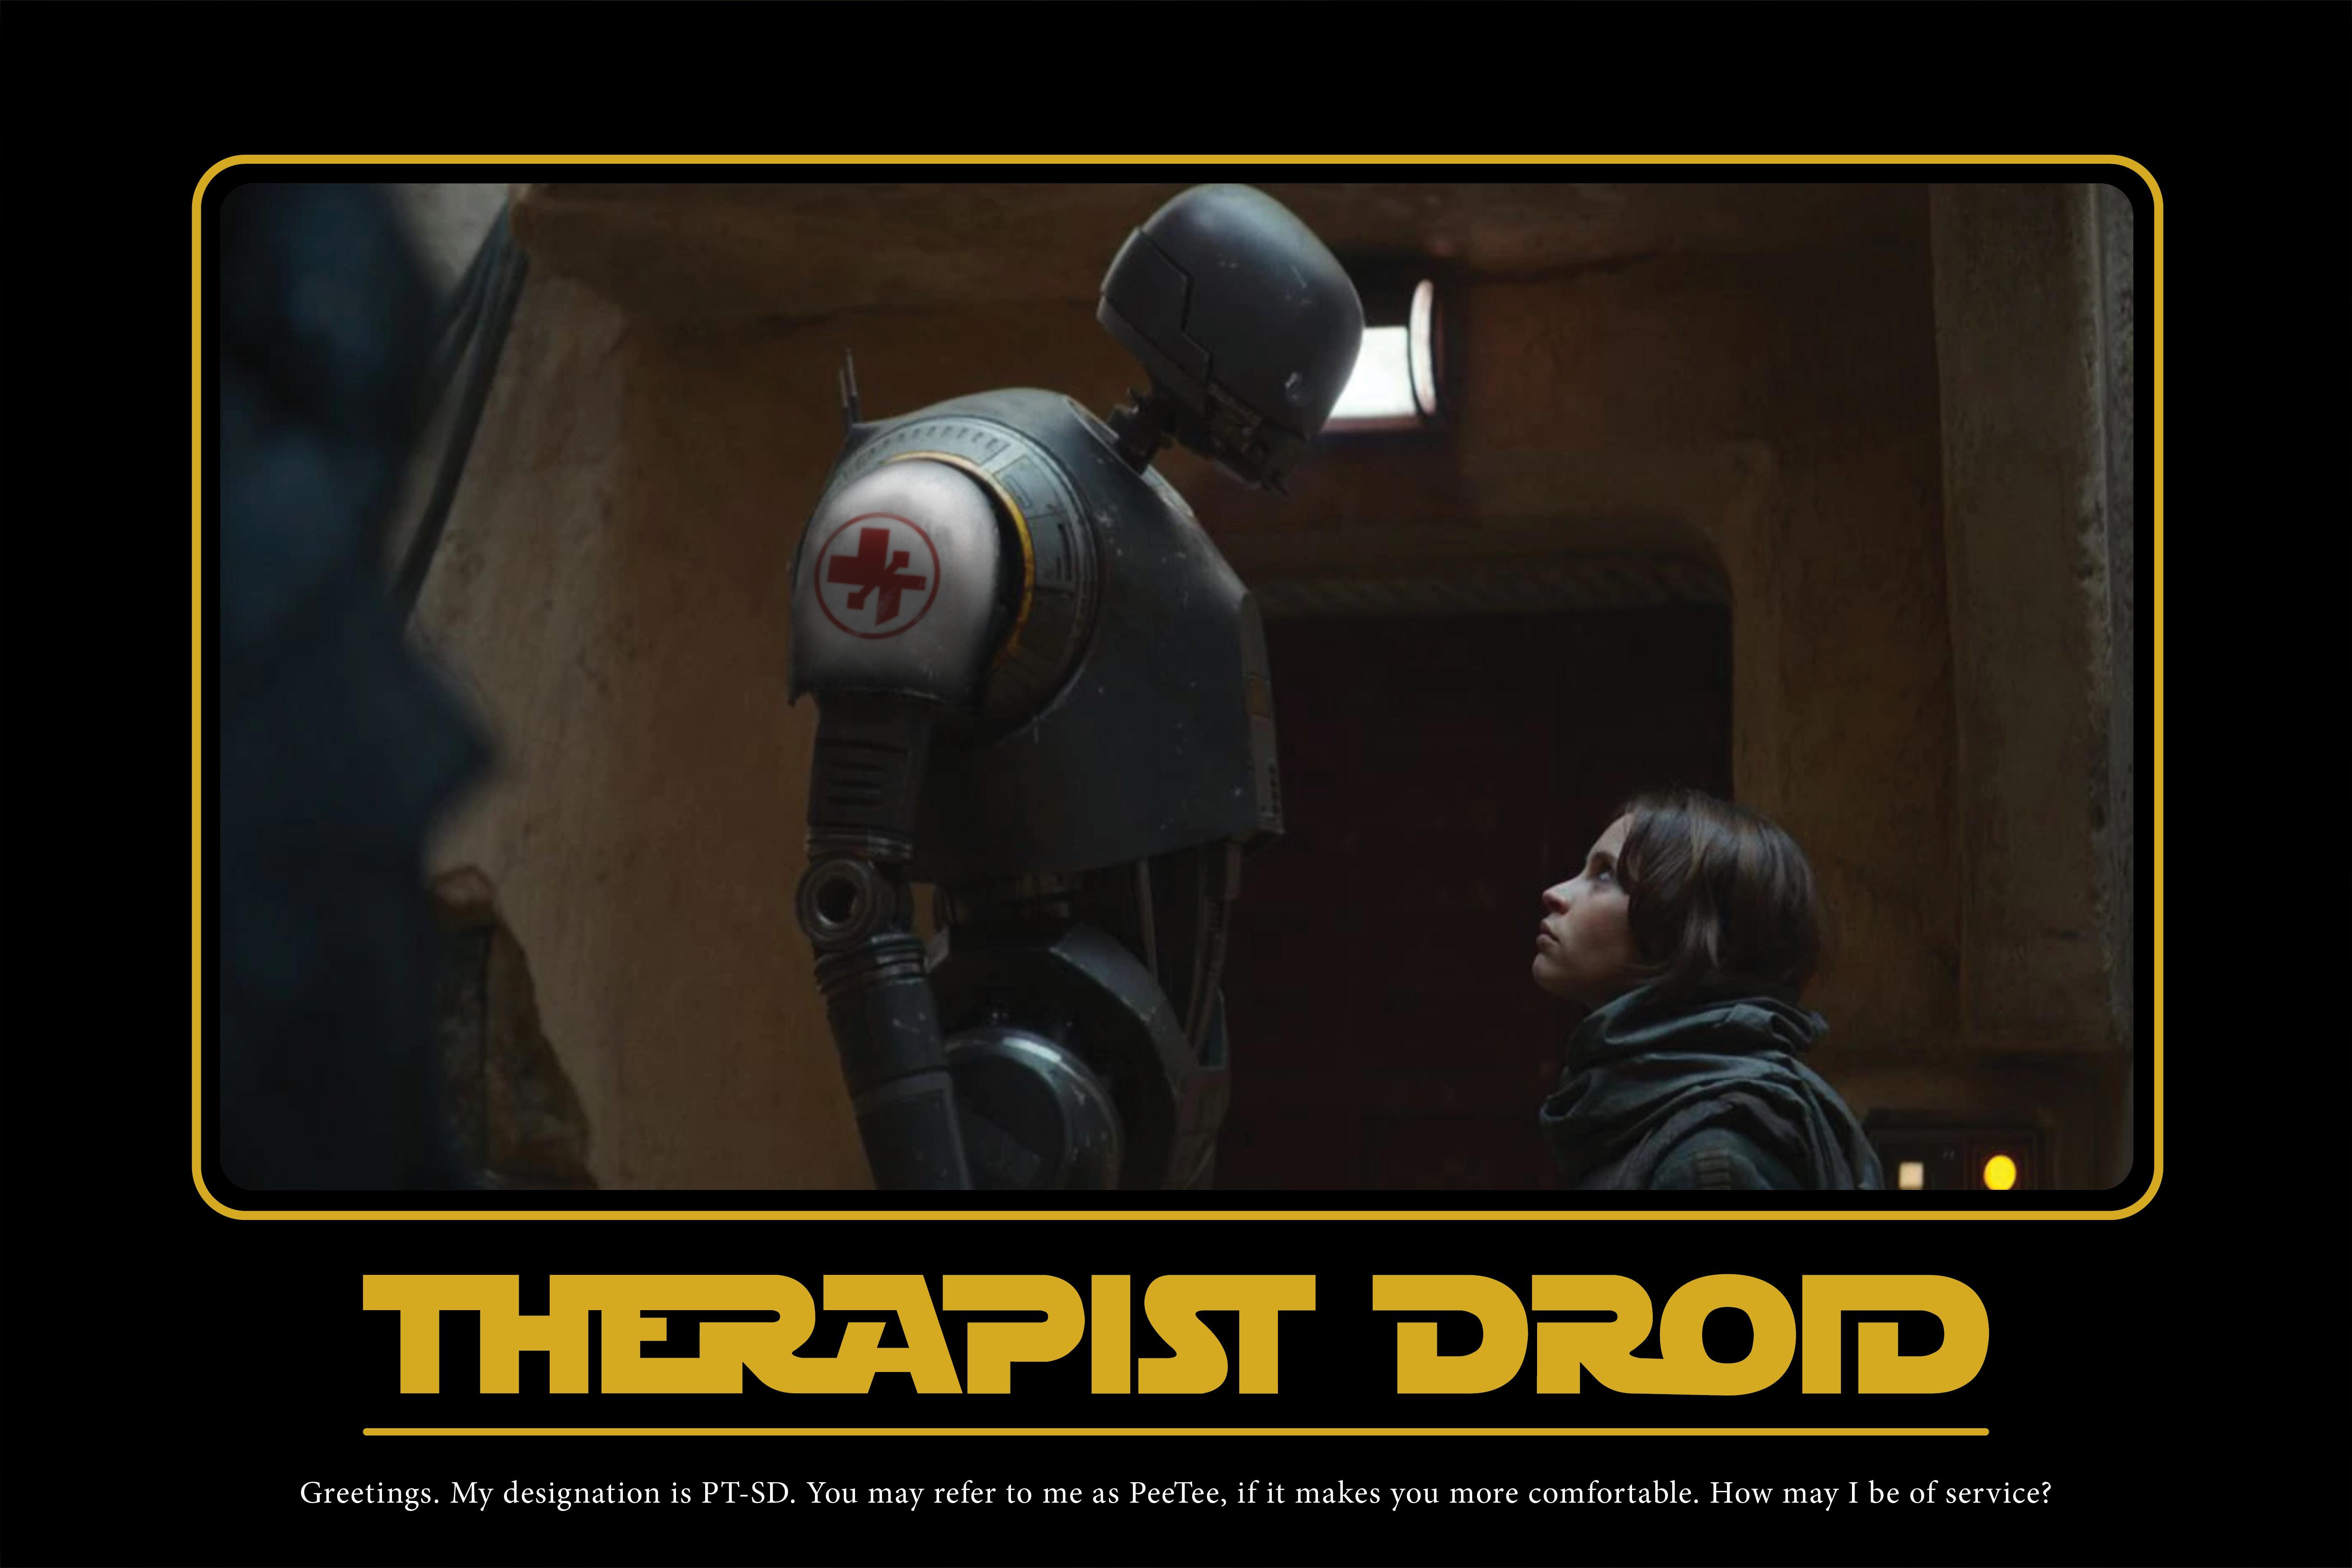 A Star Wars motifake poster starring PT-SD.